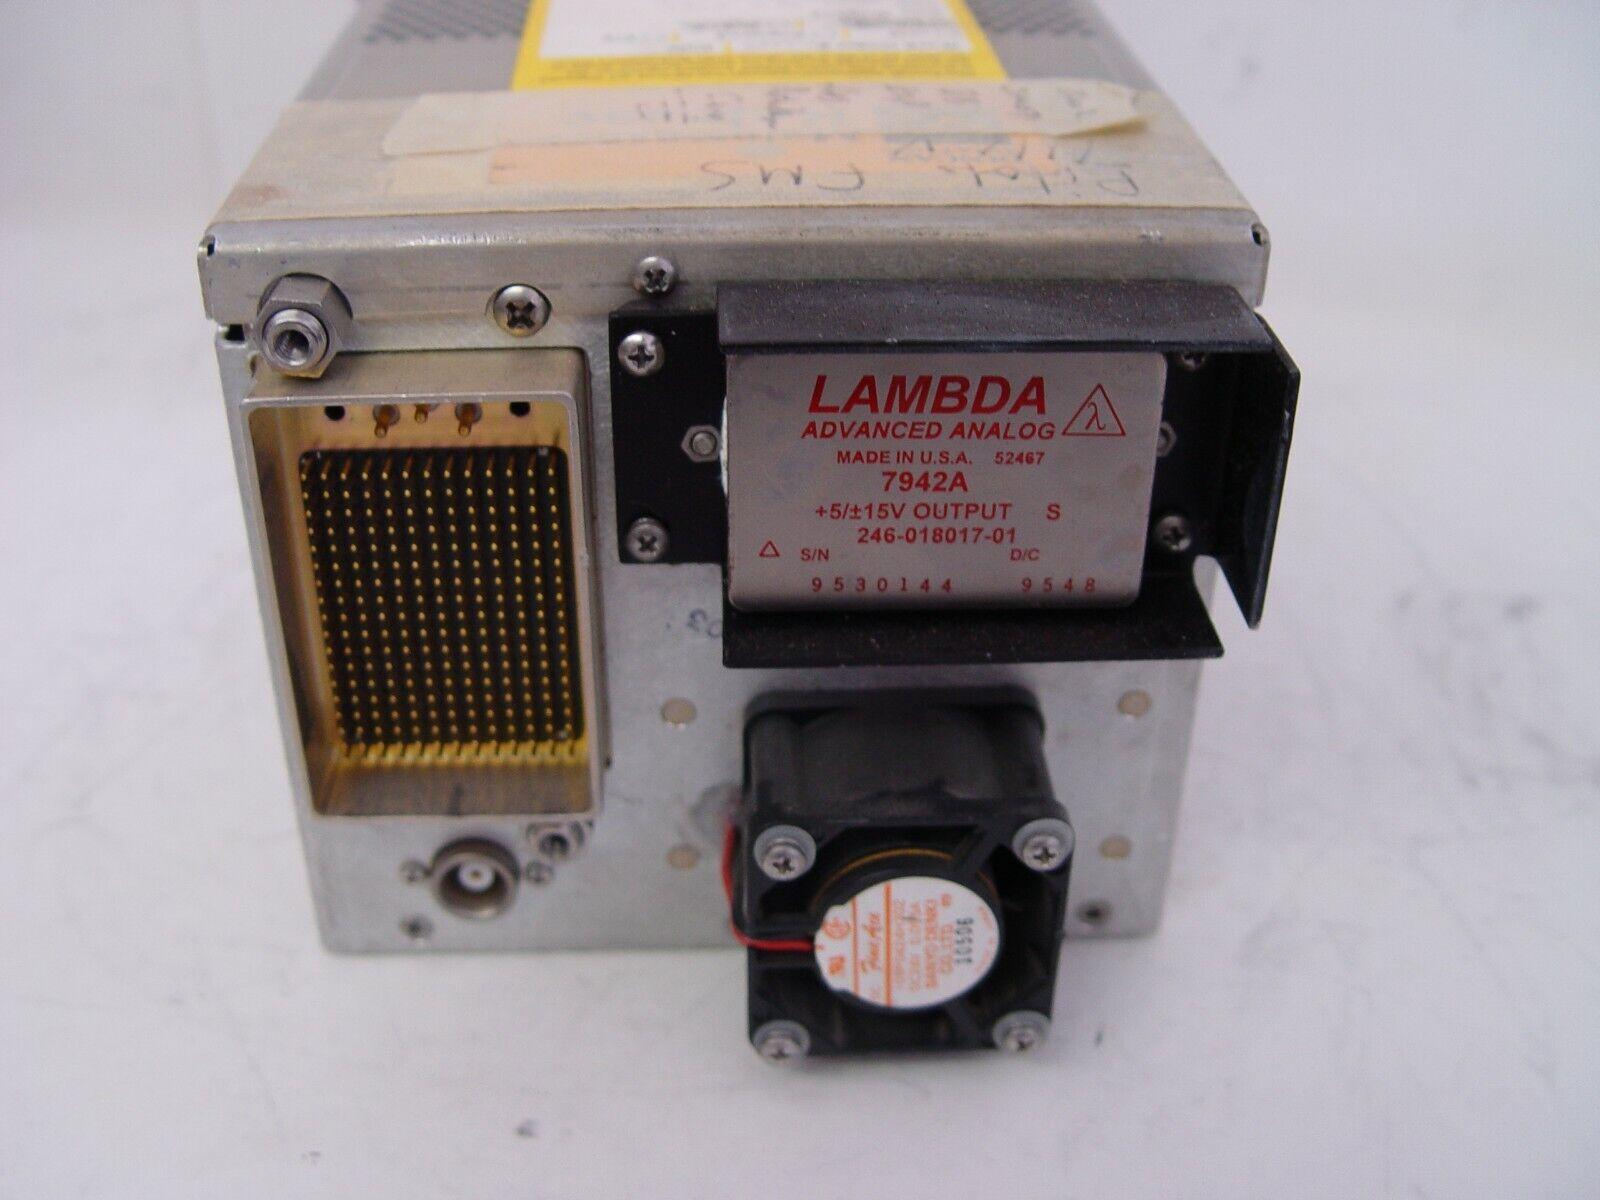 Honeywell GNS-XLS FMS 17960-0102-0011 Flight Navigation Management, Aviation